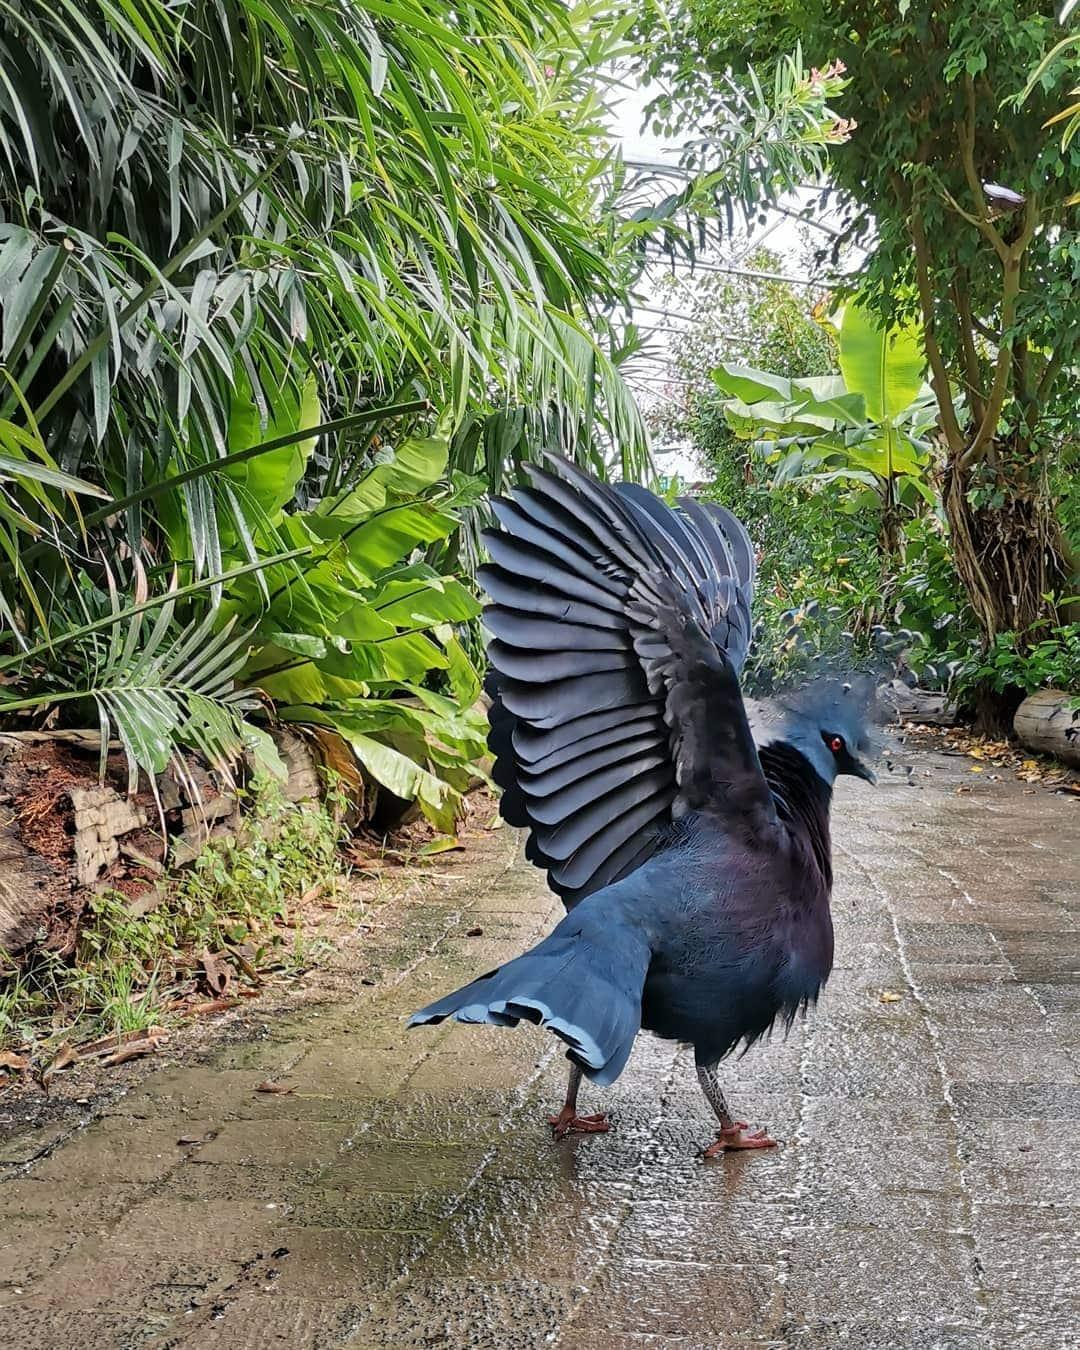 1565595574 6c66120d8898b5e45fb95cc4ca31c60f - Эта птица с синим хохолком доказала, что голуби могут потягаться по красоте даже с павлинами